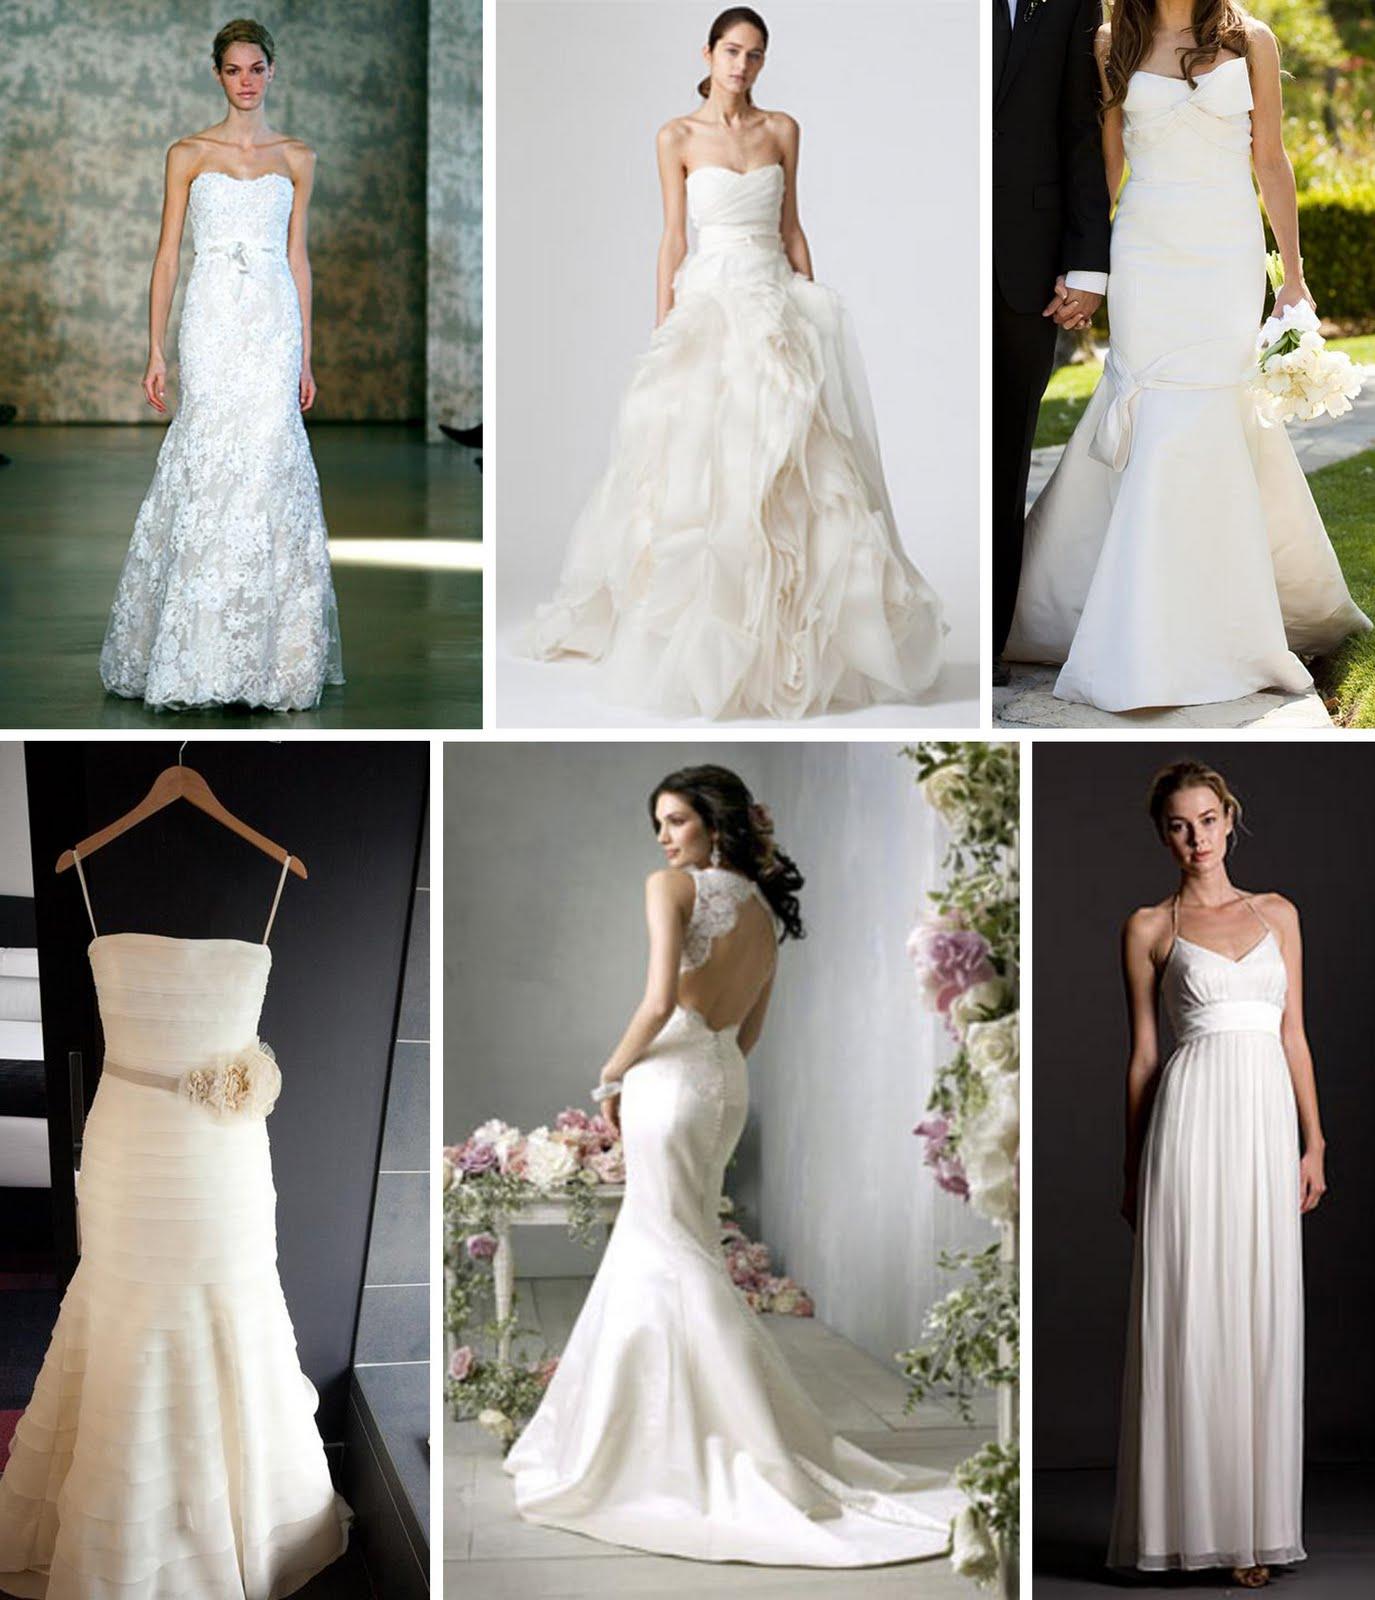 monique lhuillier lace wedding